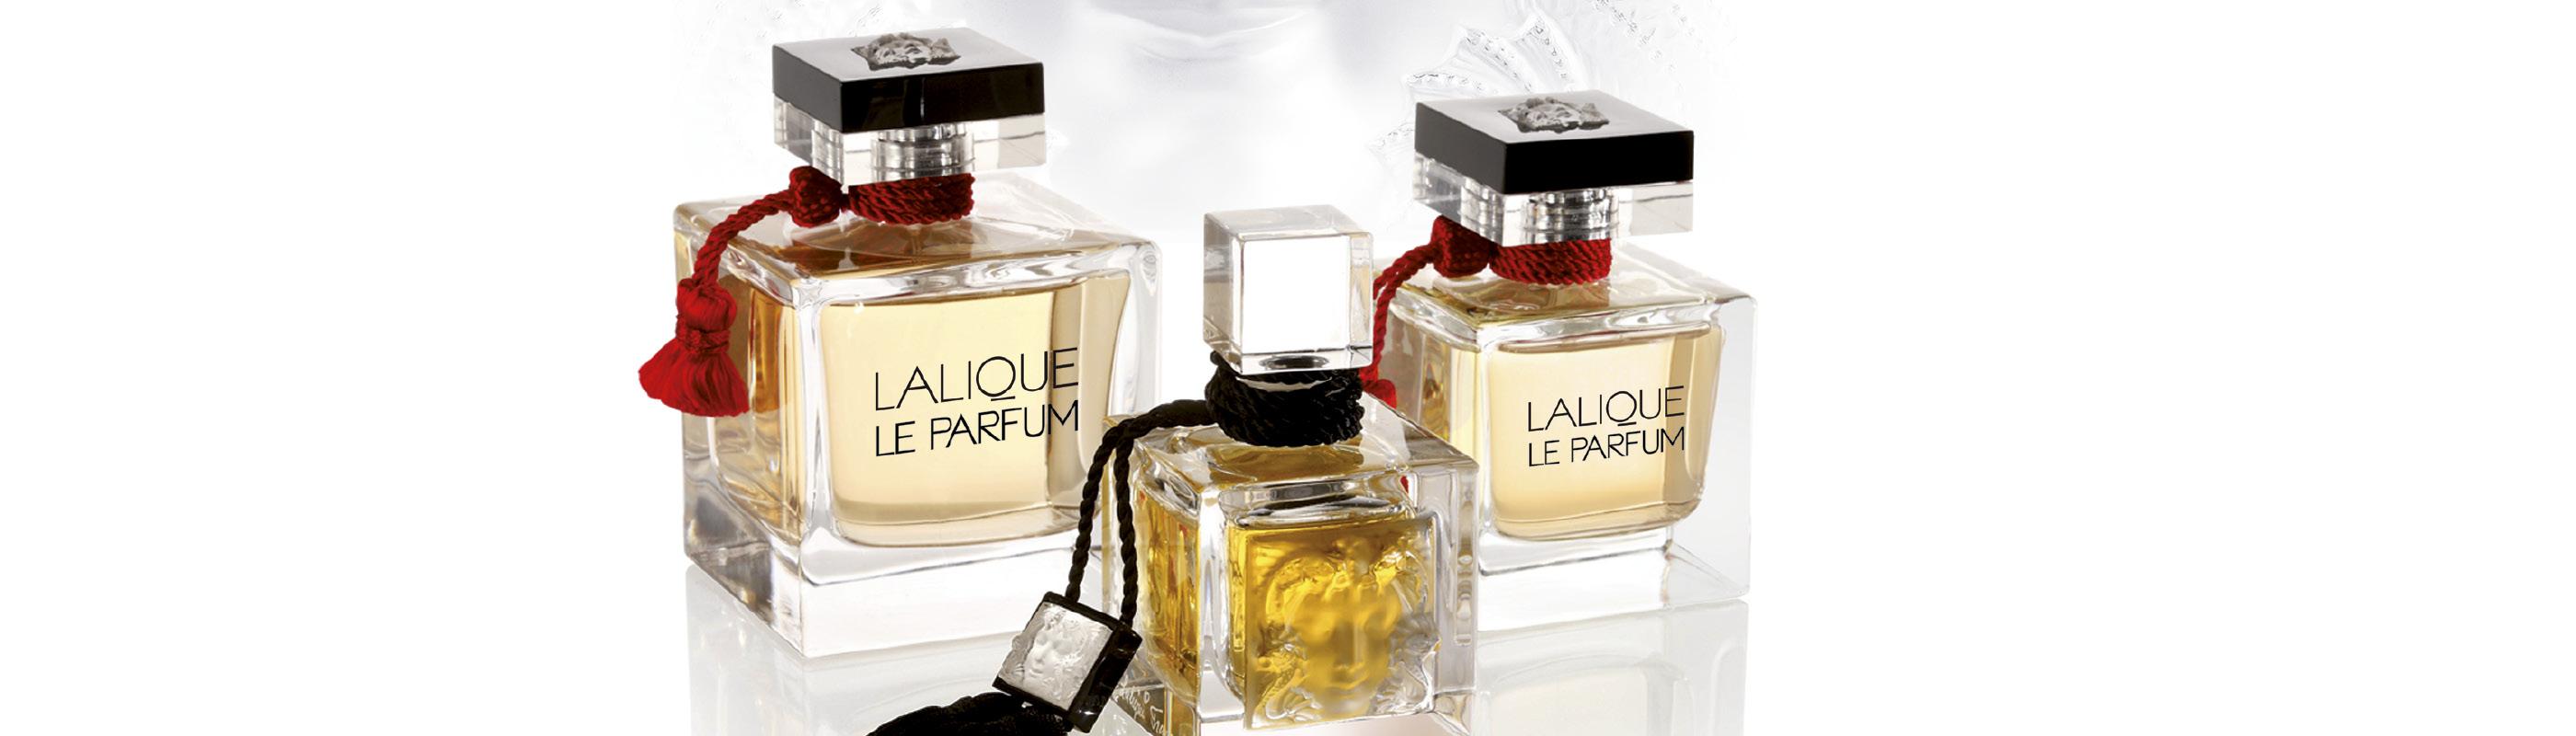 Lalique Le Parfum Fragrance Perfume For Women Lalique Parfums